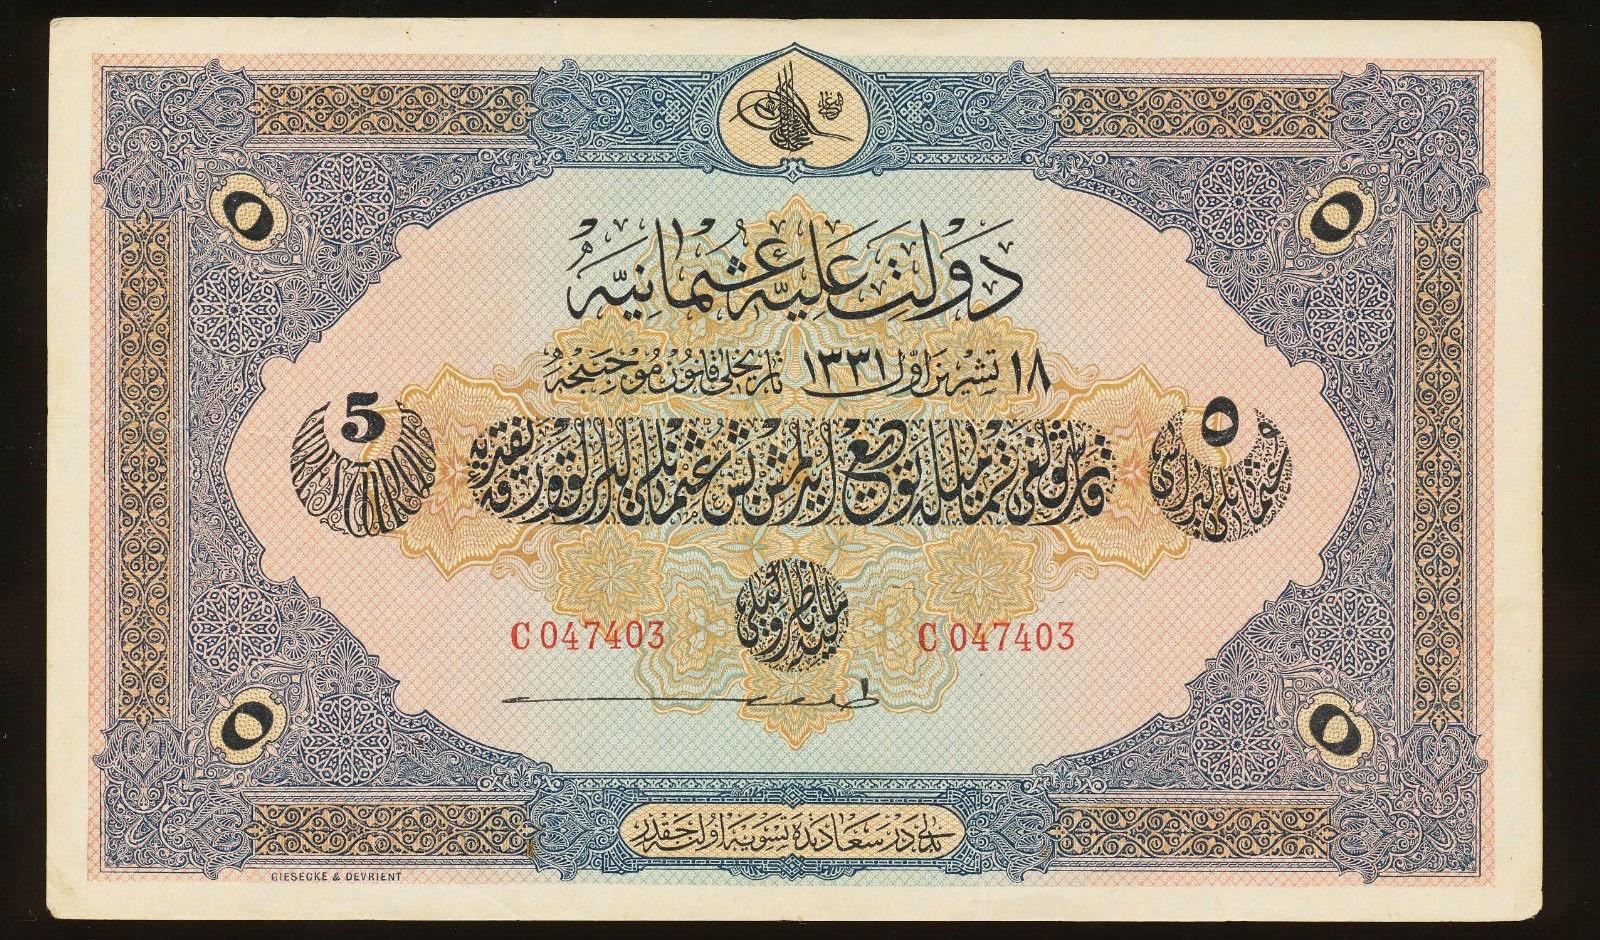 Ottoman empire paper